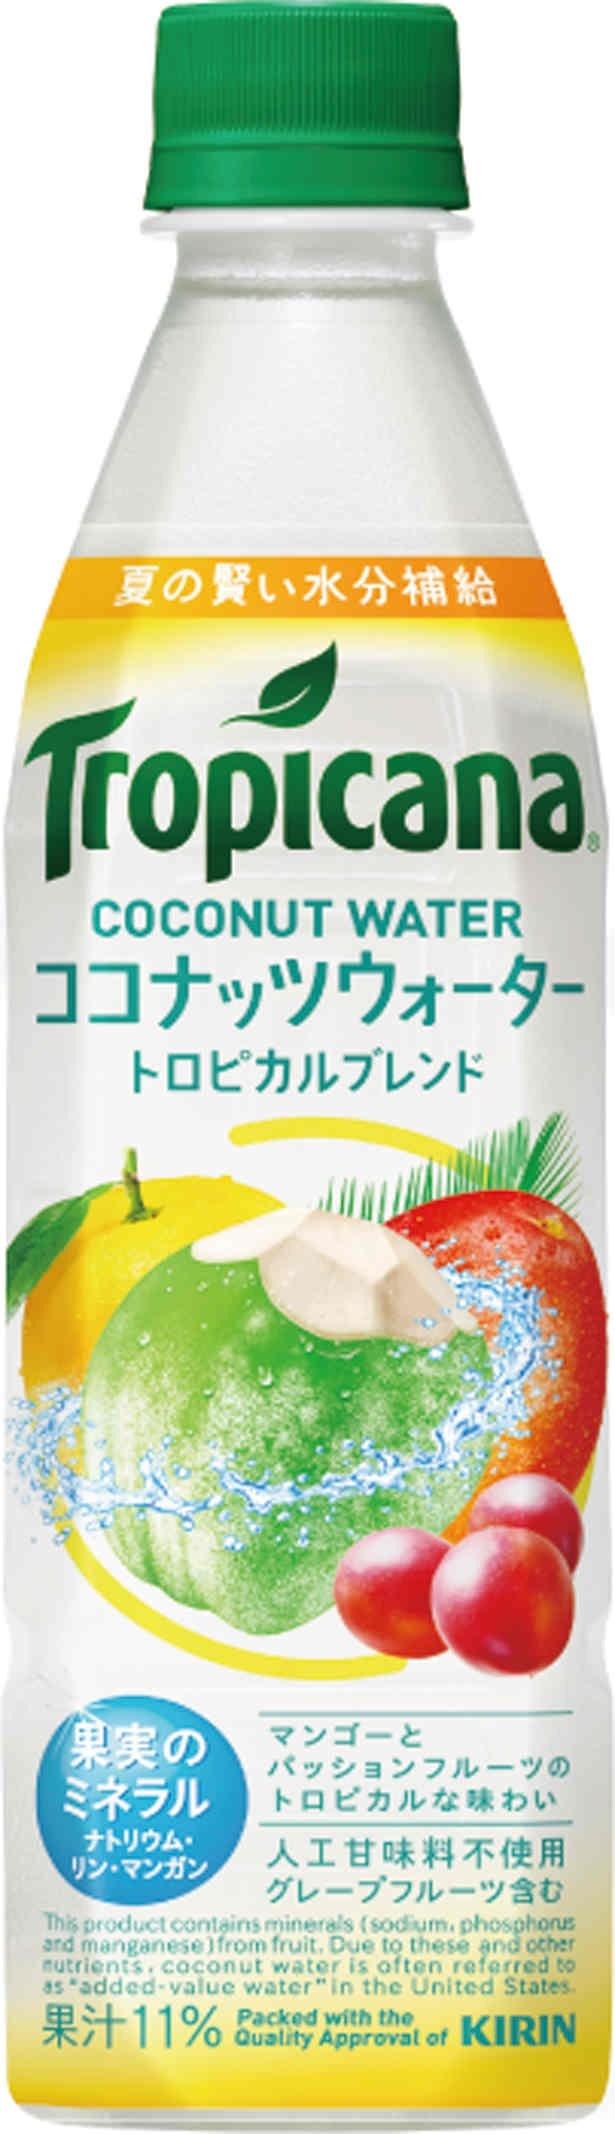 果汁入りでおいしく賢く水分補給できる「トロピカーナ ココナッツウォーター トロピカルブレンド」(希望小売価格・税抜140円)